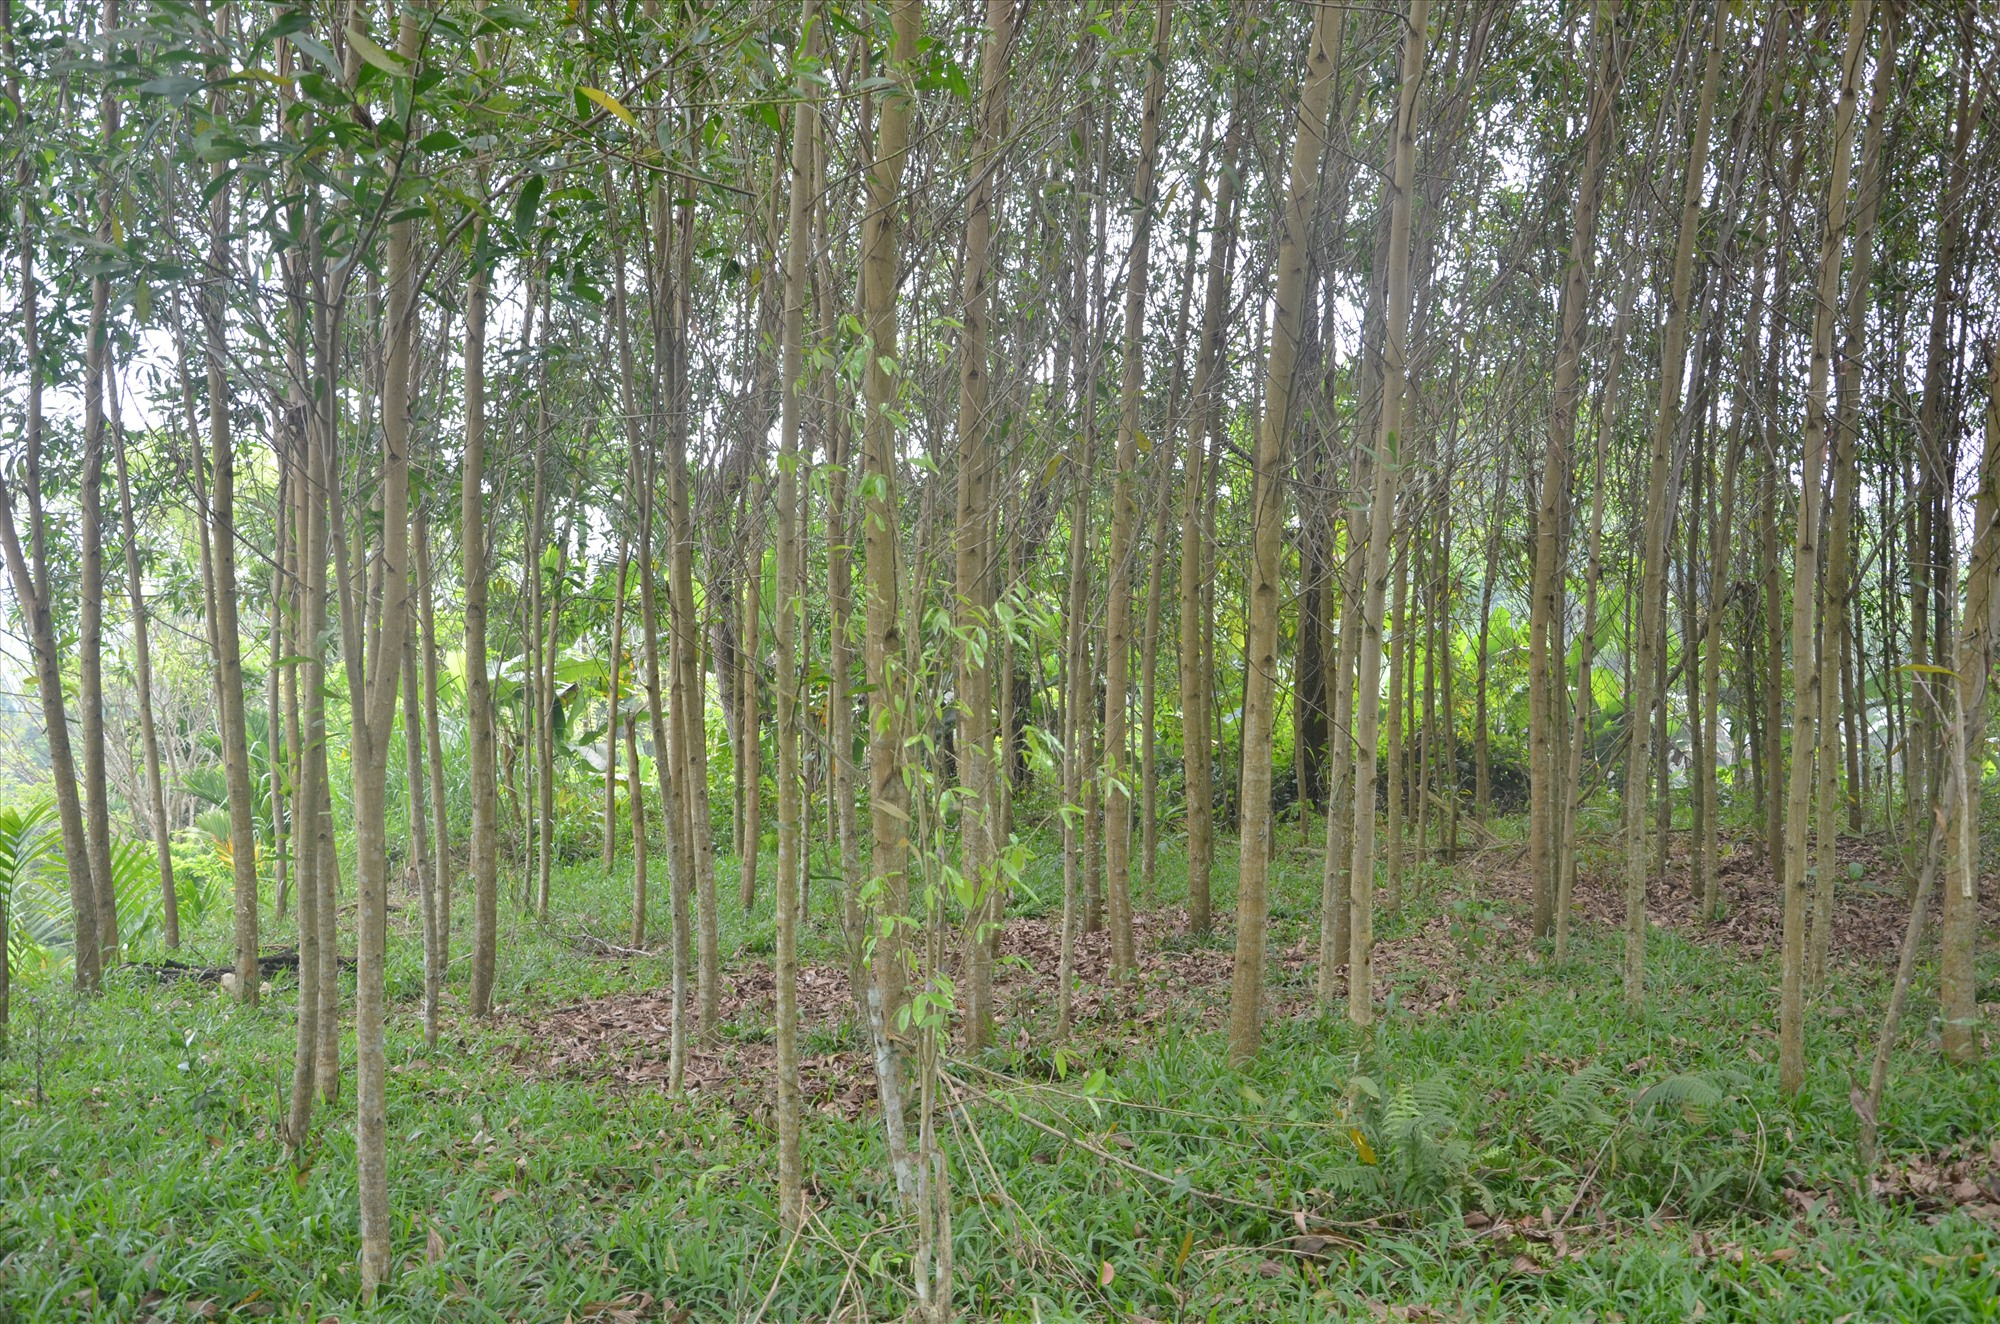 Cần ứng dụng KHCN sản xuất cây giống để tăng năng suất rừng trồng trên đơn vị diện tích.